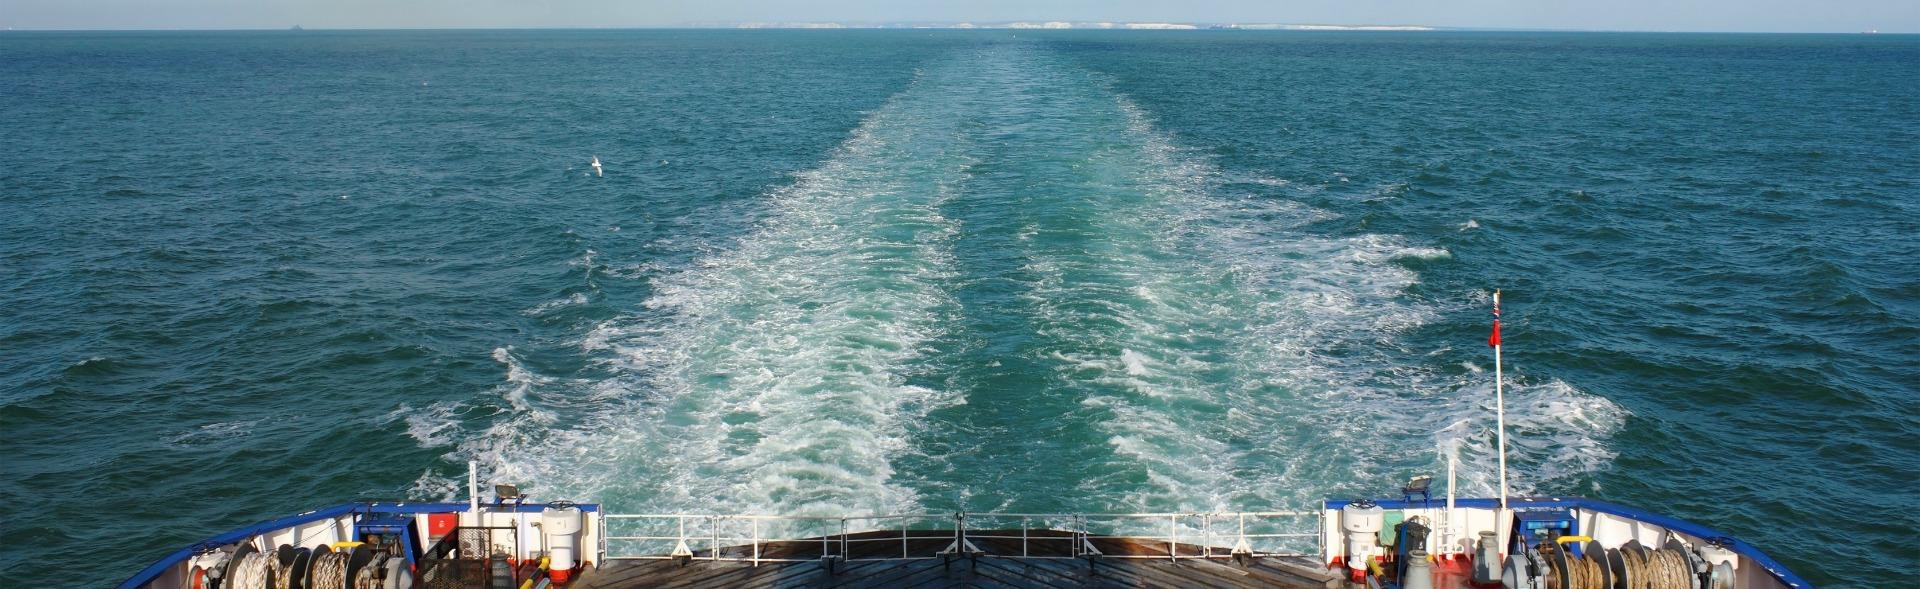 ferry-to-calais-1